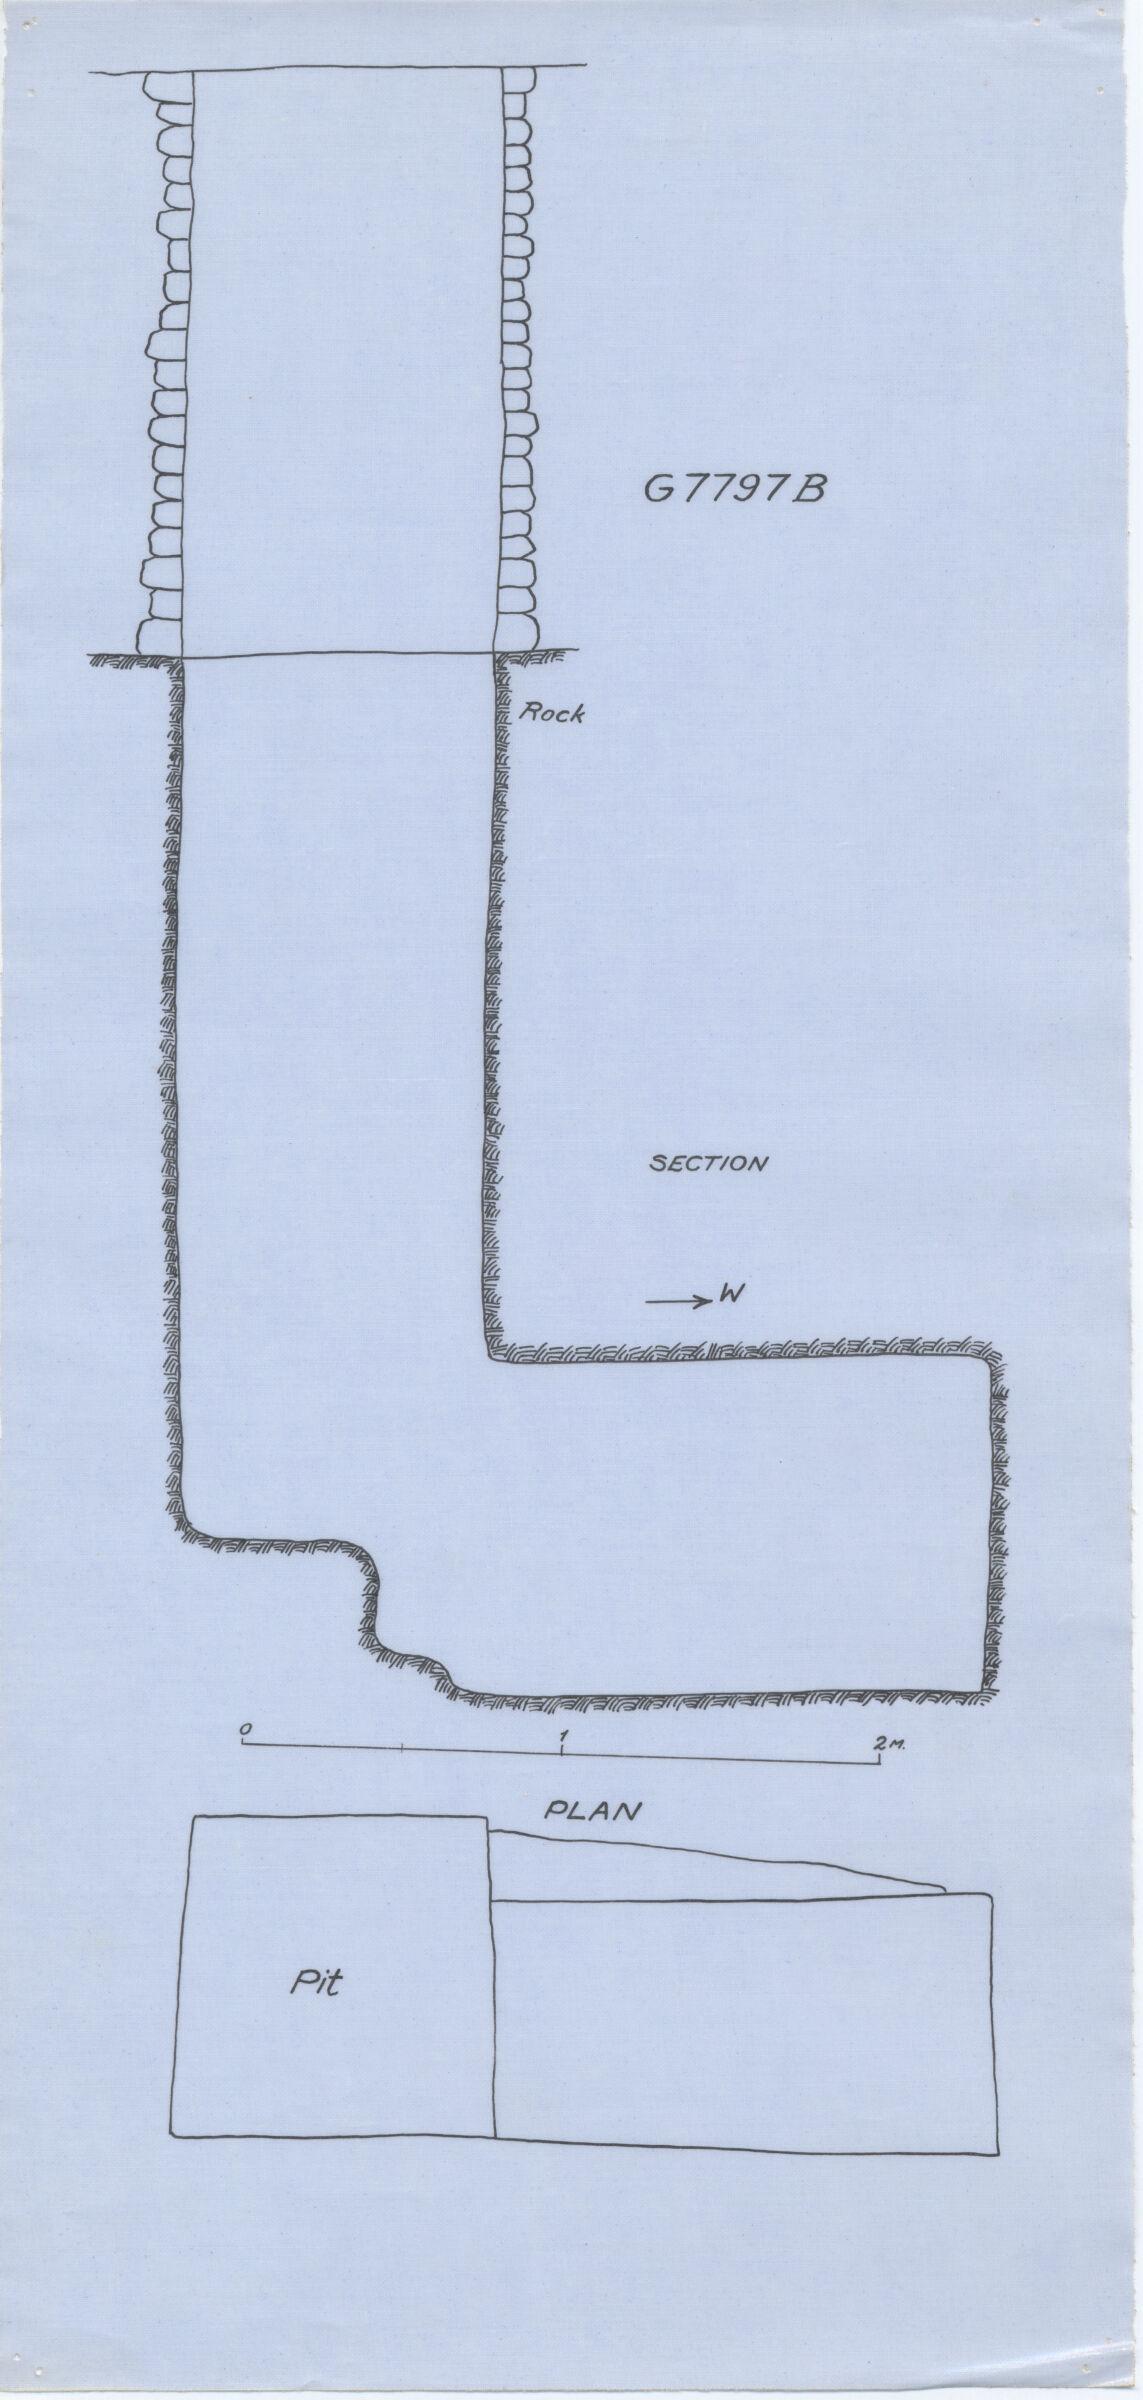 Maps and plans: G 7797b, Shaft B